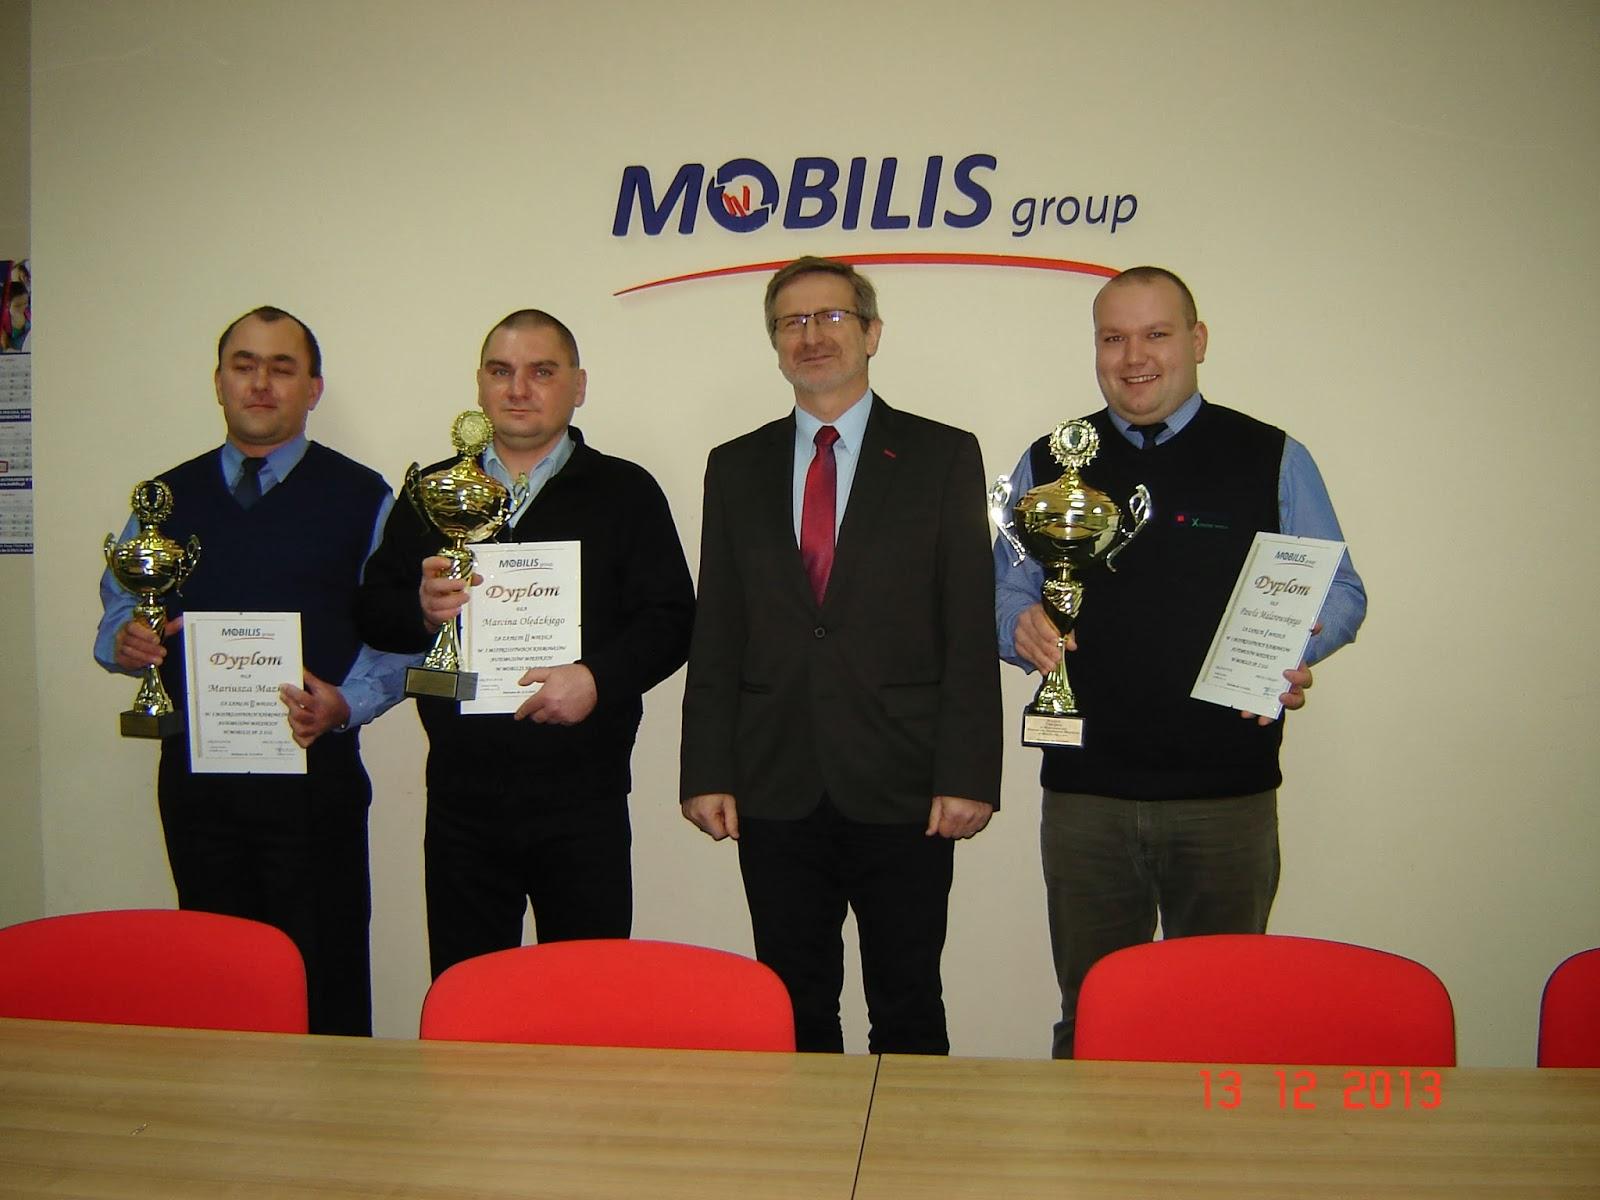 Od lewej stoją -  Mariusz Mazek, Marcin Olędzki, V-ce Prezes Zarządu Dariusz Załuska oraz  Paweł Malarowki